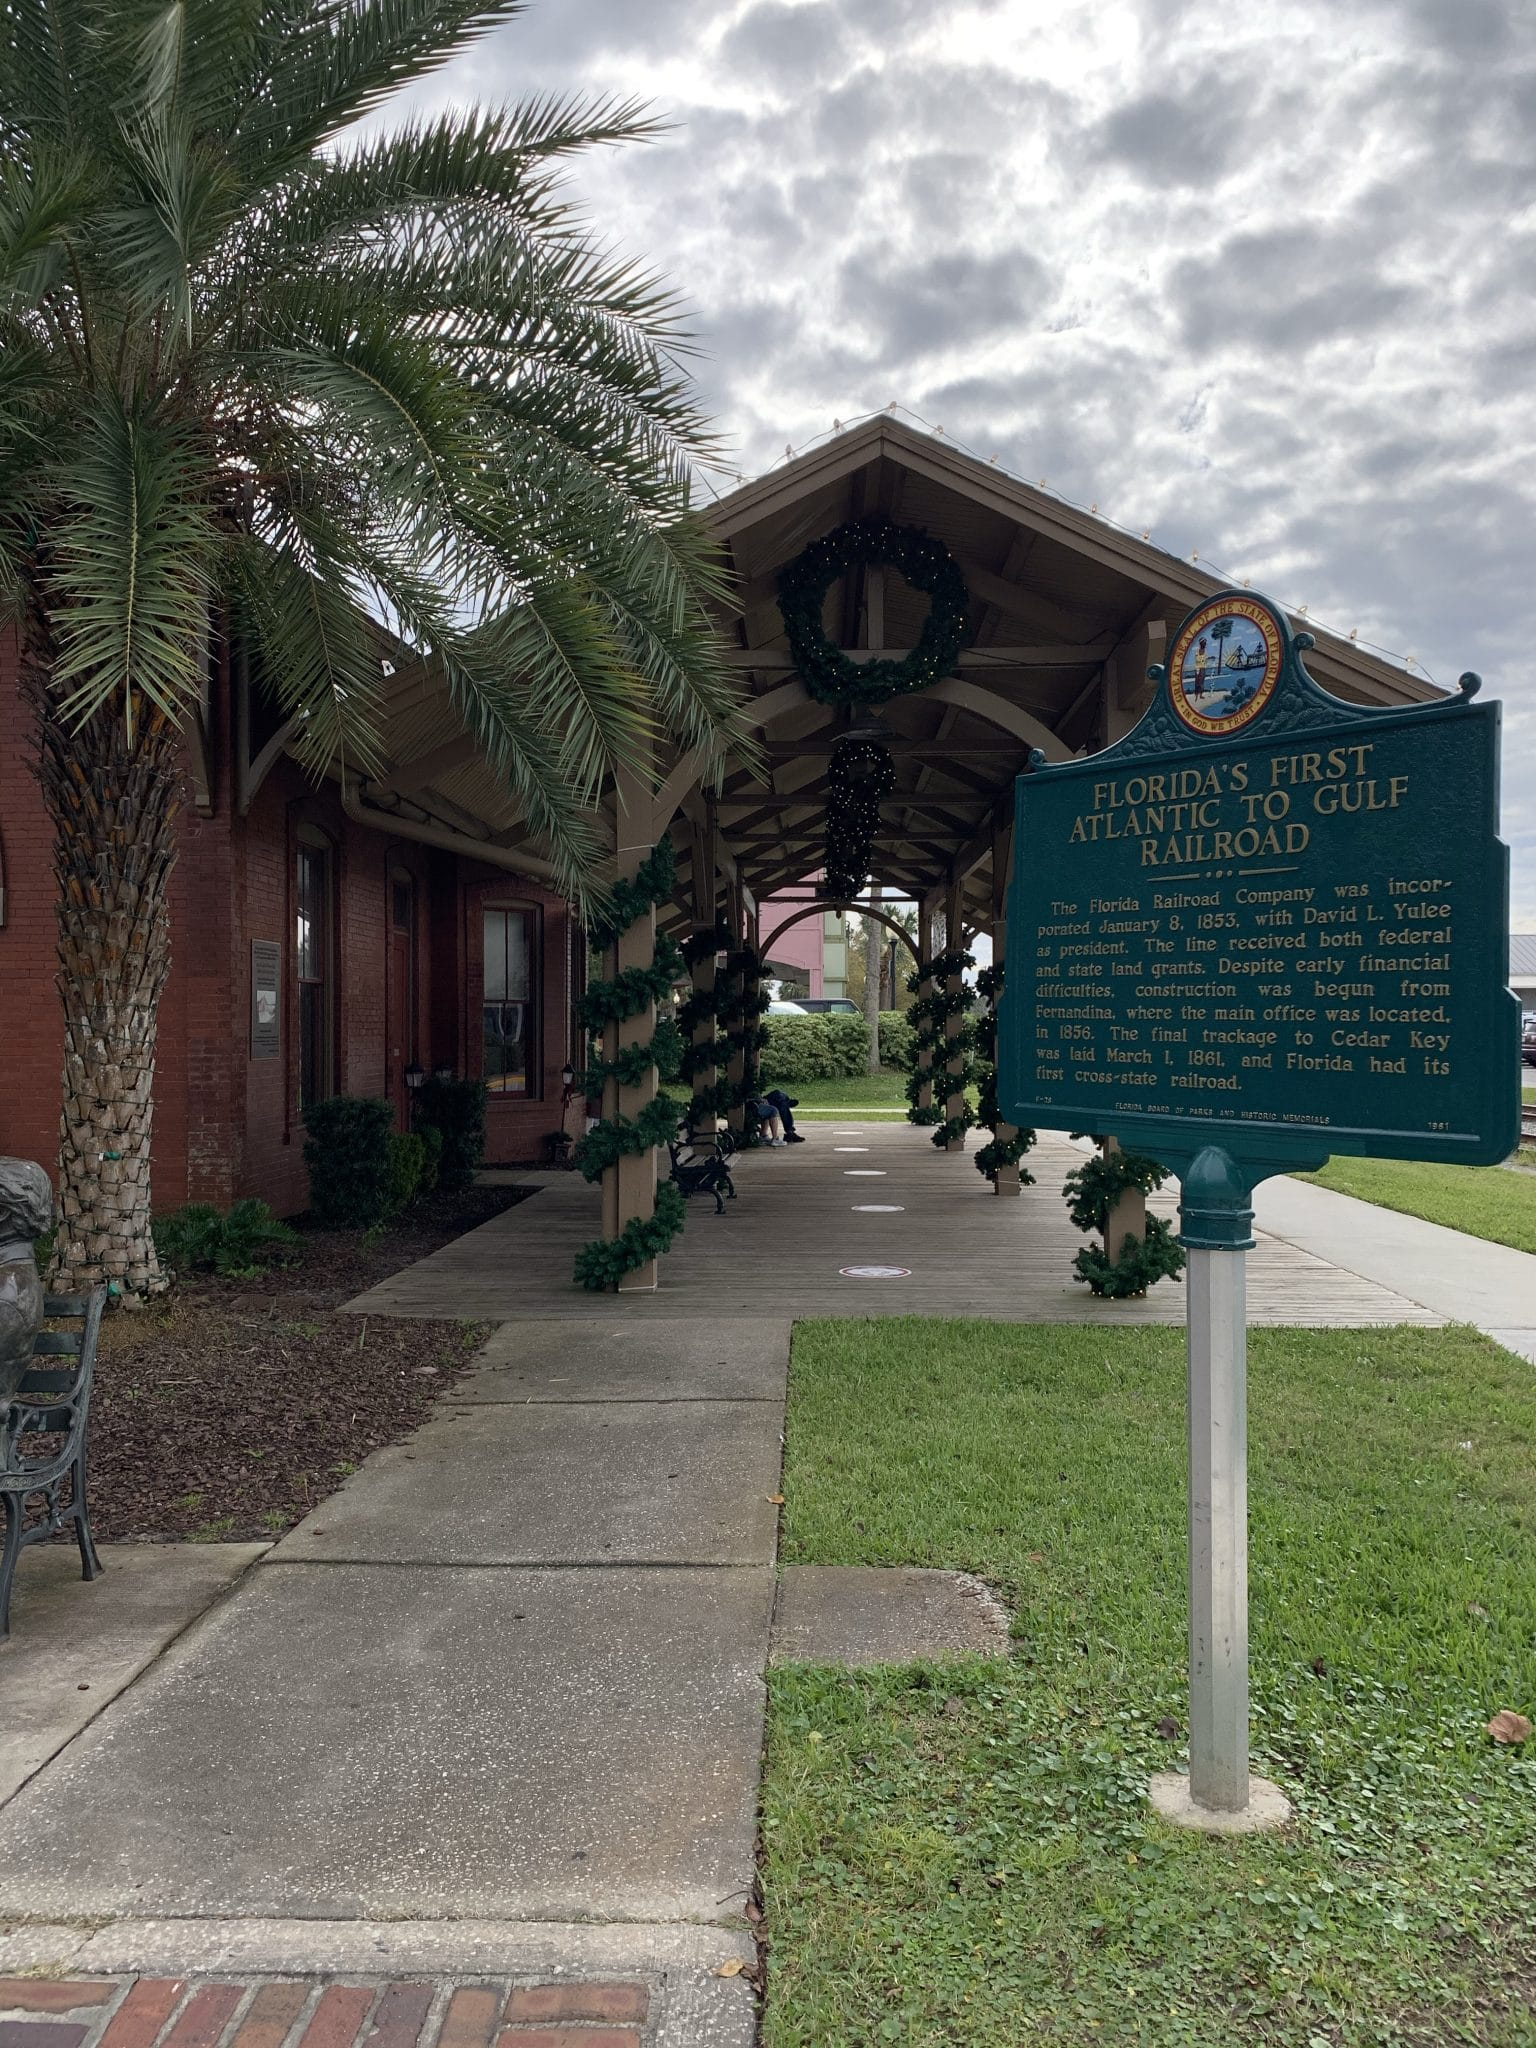 Downtown Amelia Island, Florida, Stilettos and Diapers